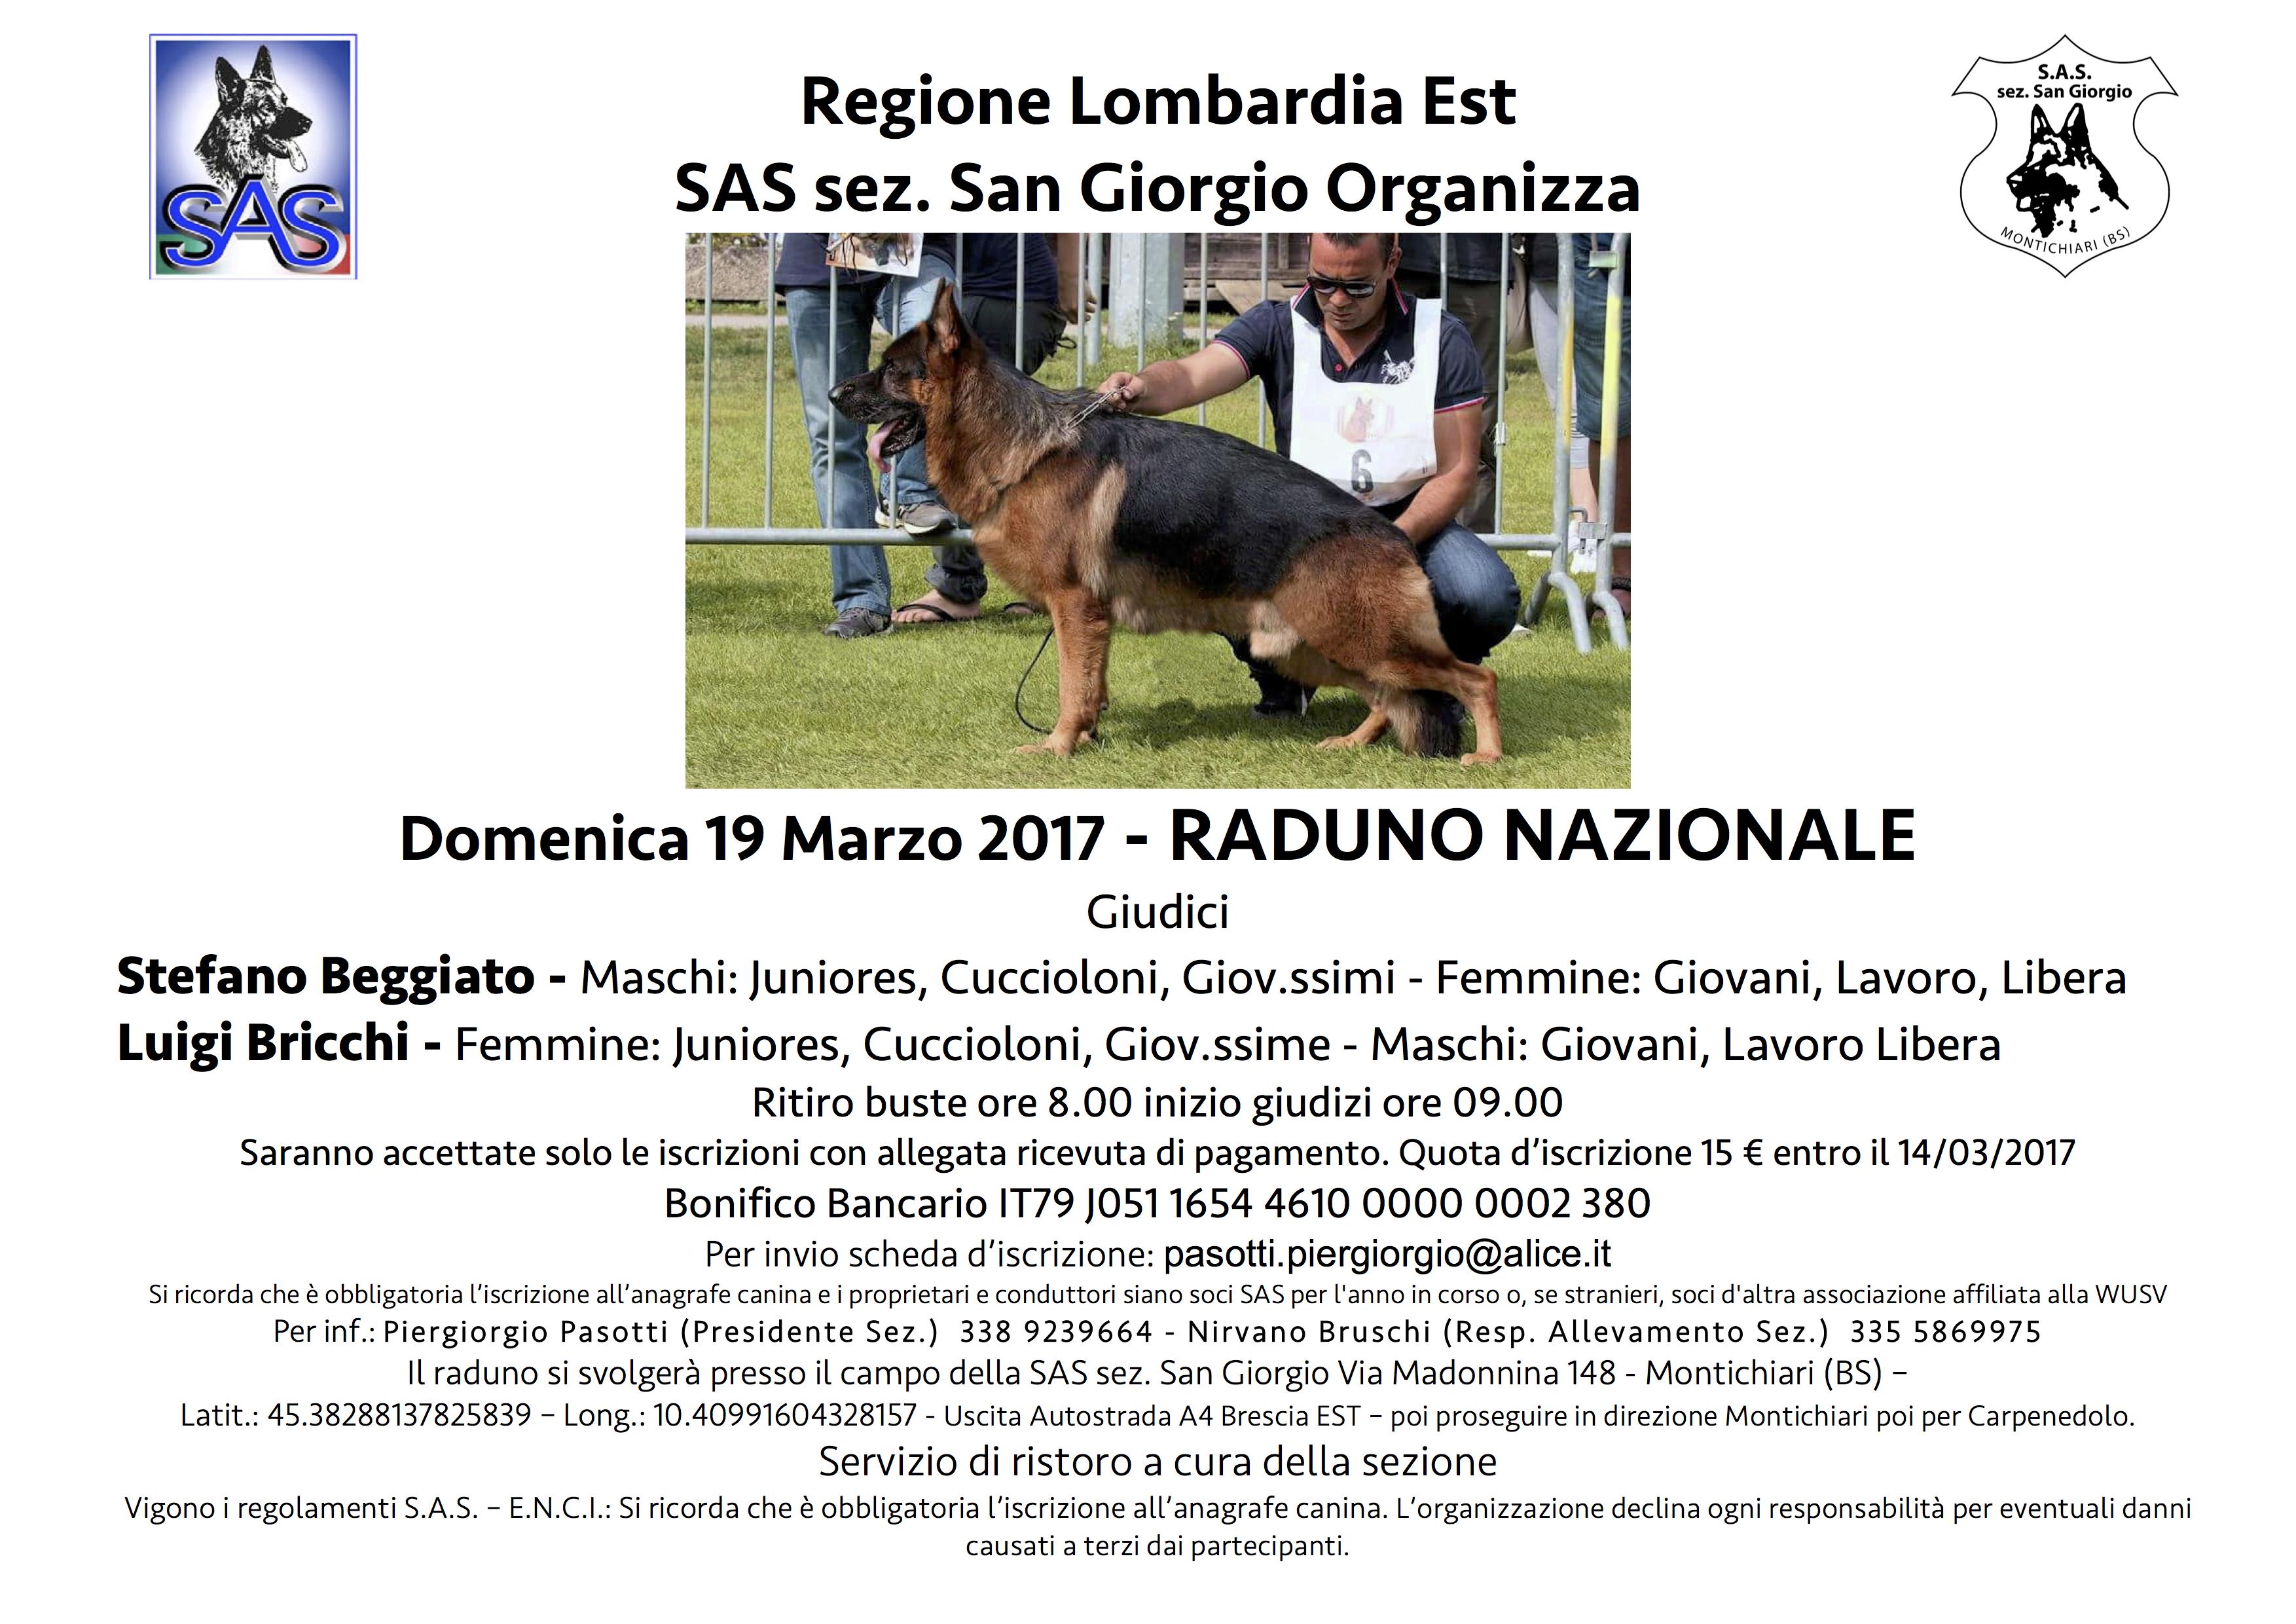 RADUNO NAZIONALE 2017